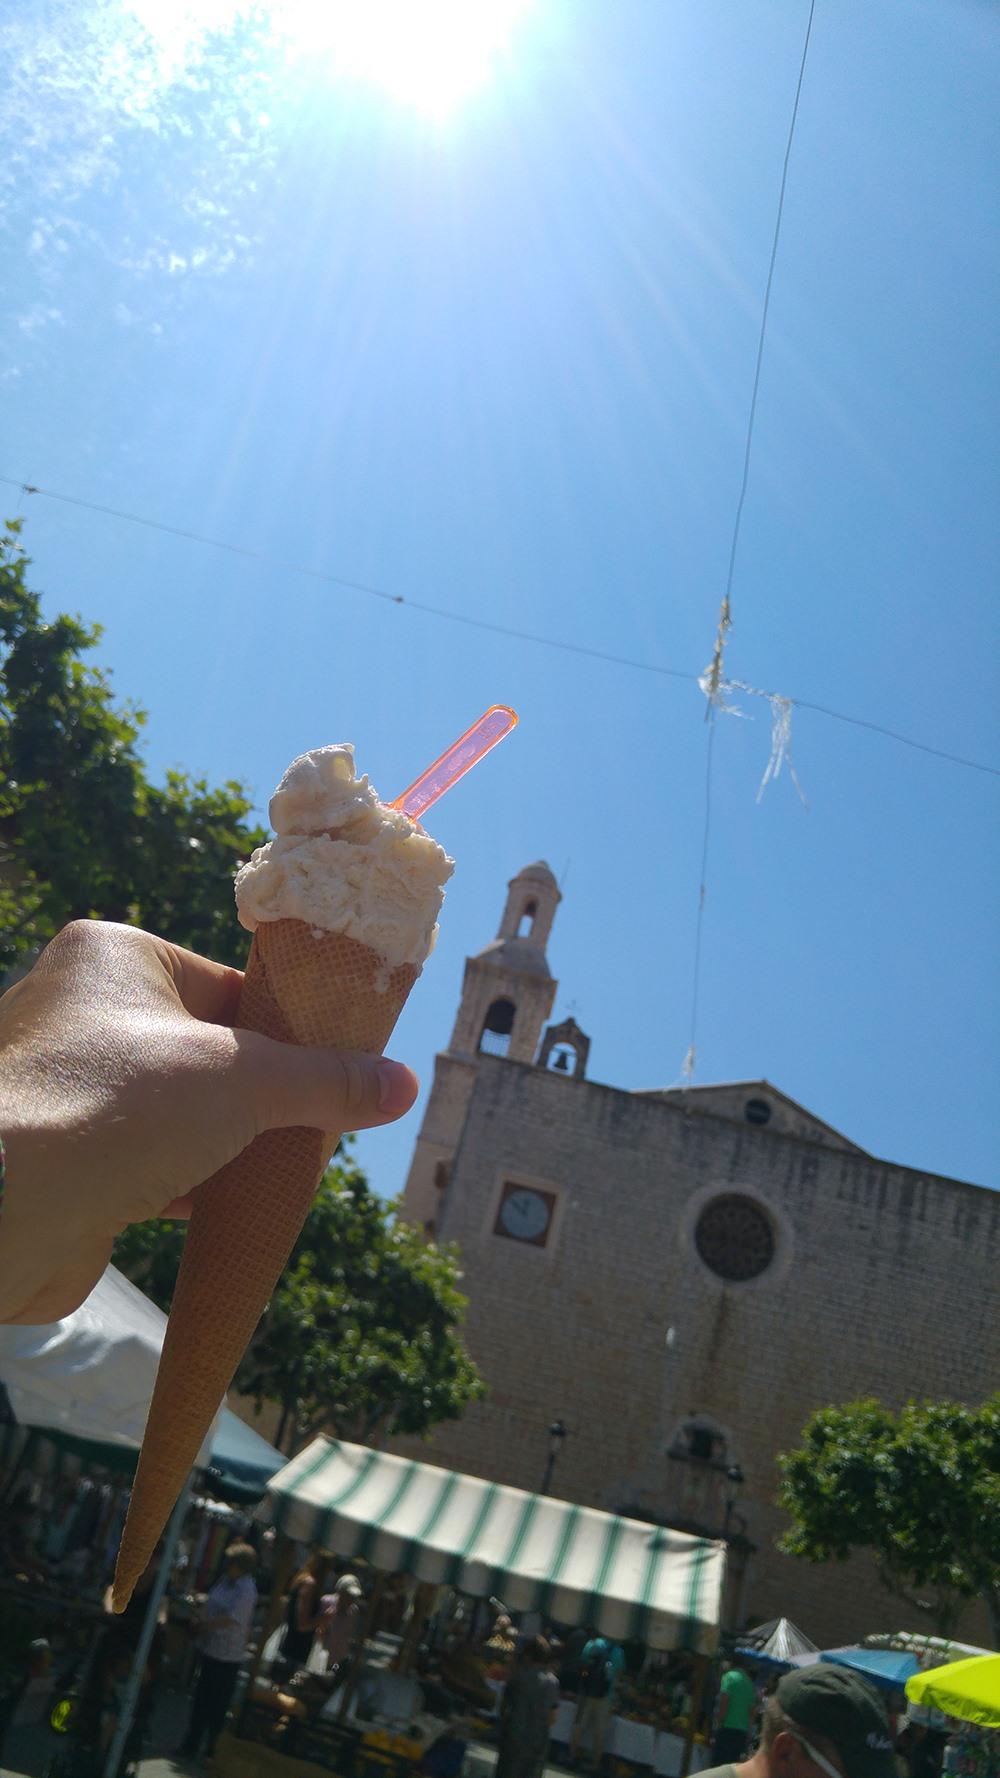 Mallorca-Alaro-La-Isla-del-Gelato-Eis-Waffel-Markt-Kirche